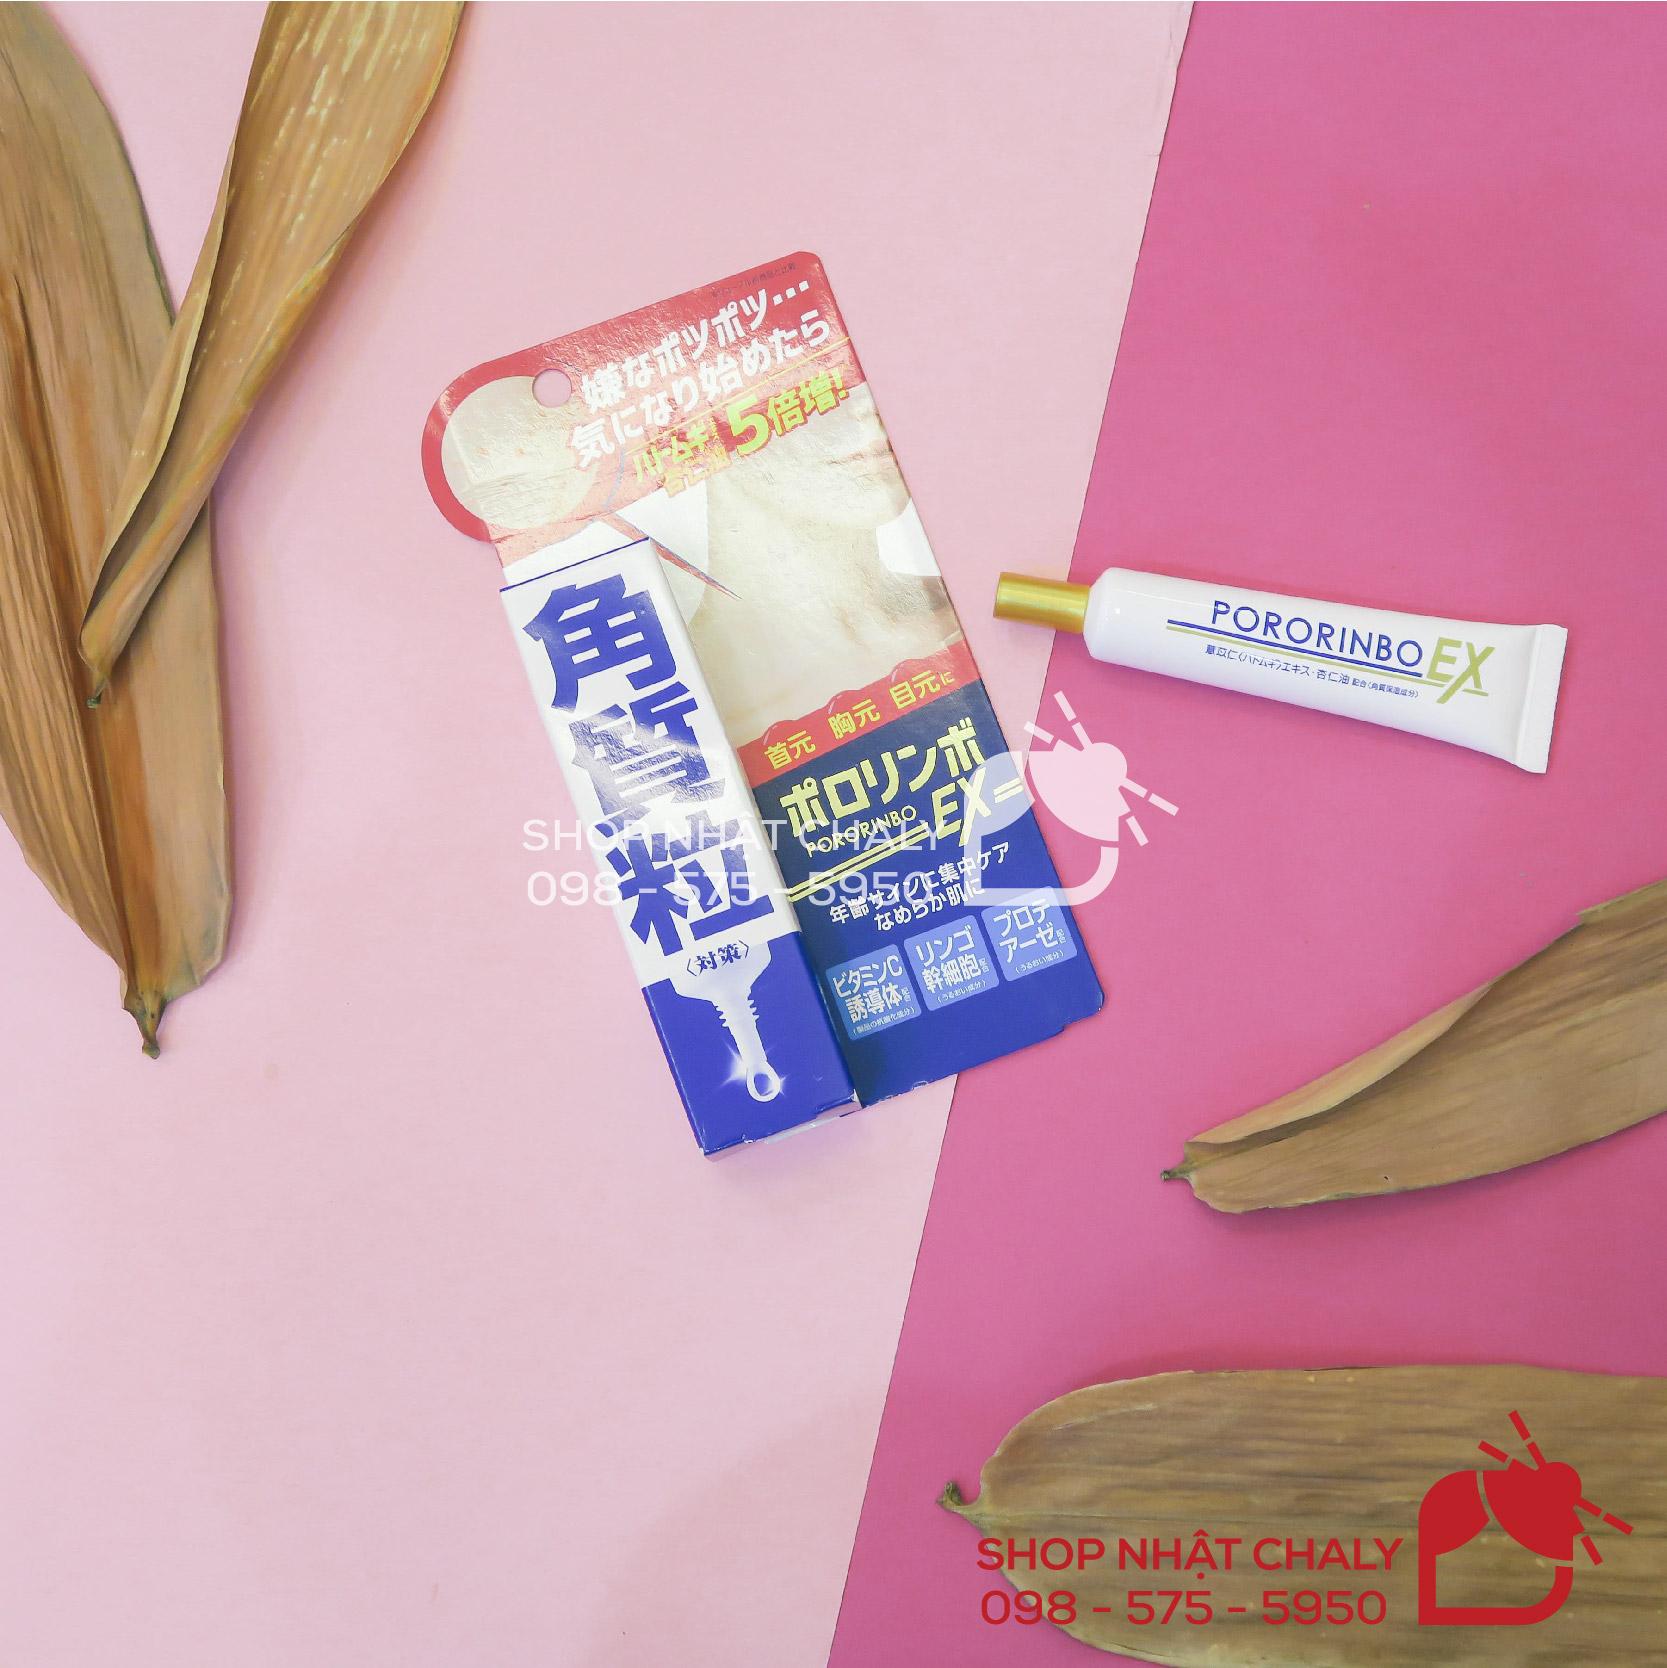 Thuốc bôi trị mụn thịt Nhật Bản Pororinbo ex là sản phẩm phổ biến được các hiệu thuốc tại Nhật giới thiệu sử dụng rất nhiều